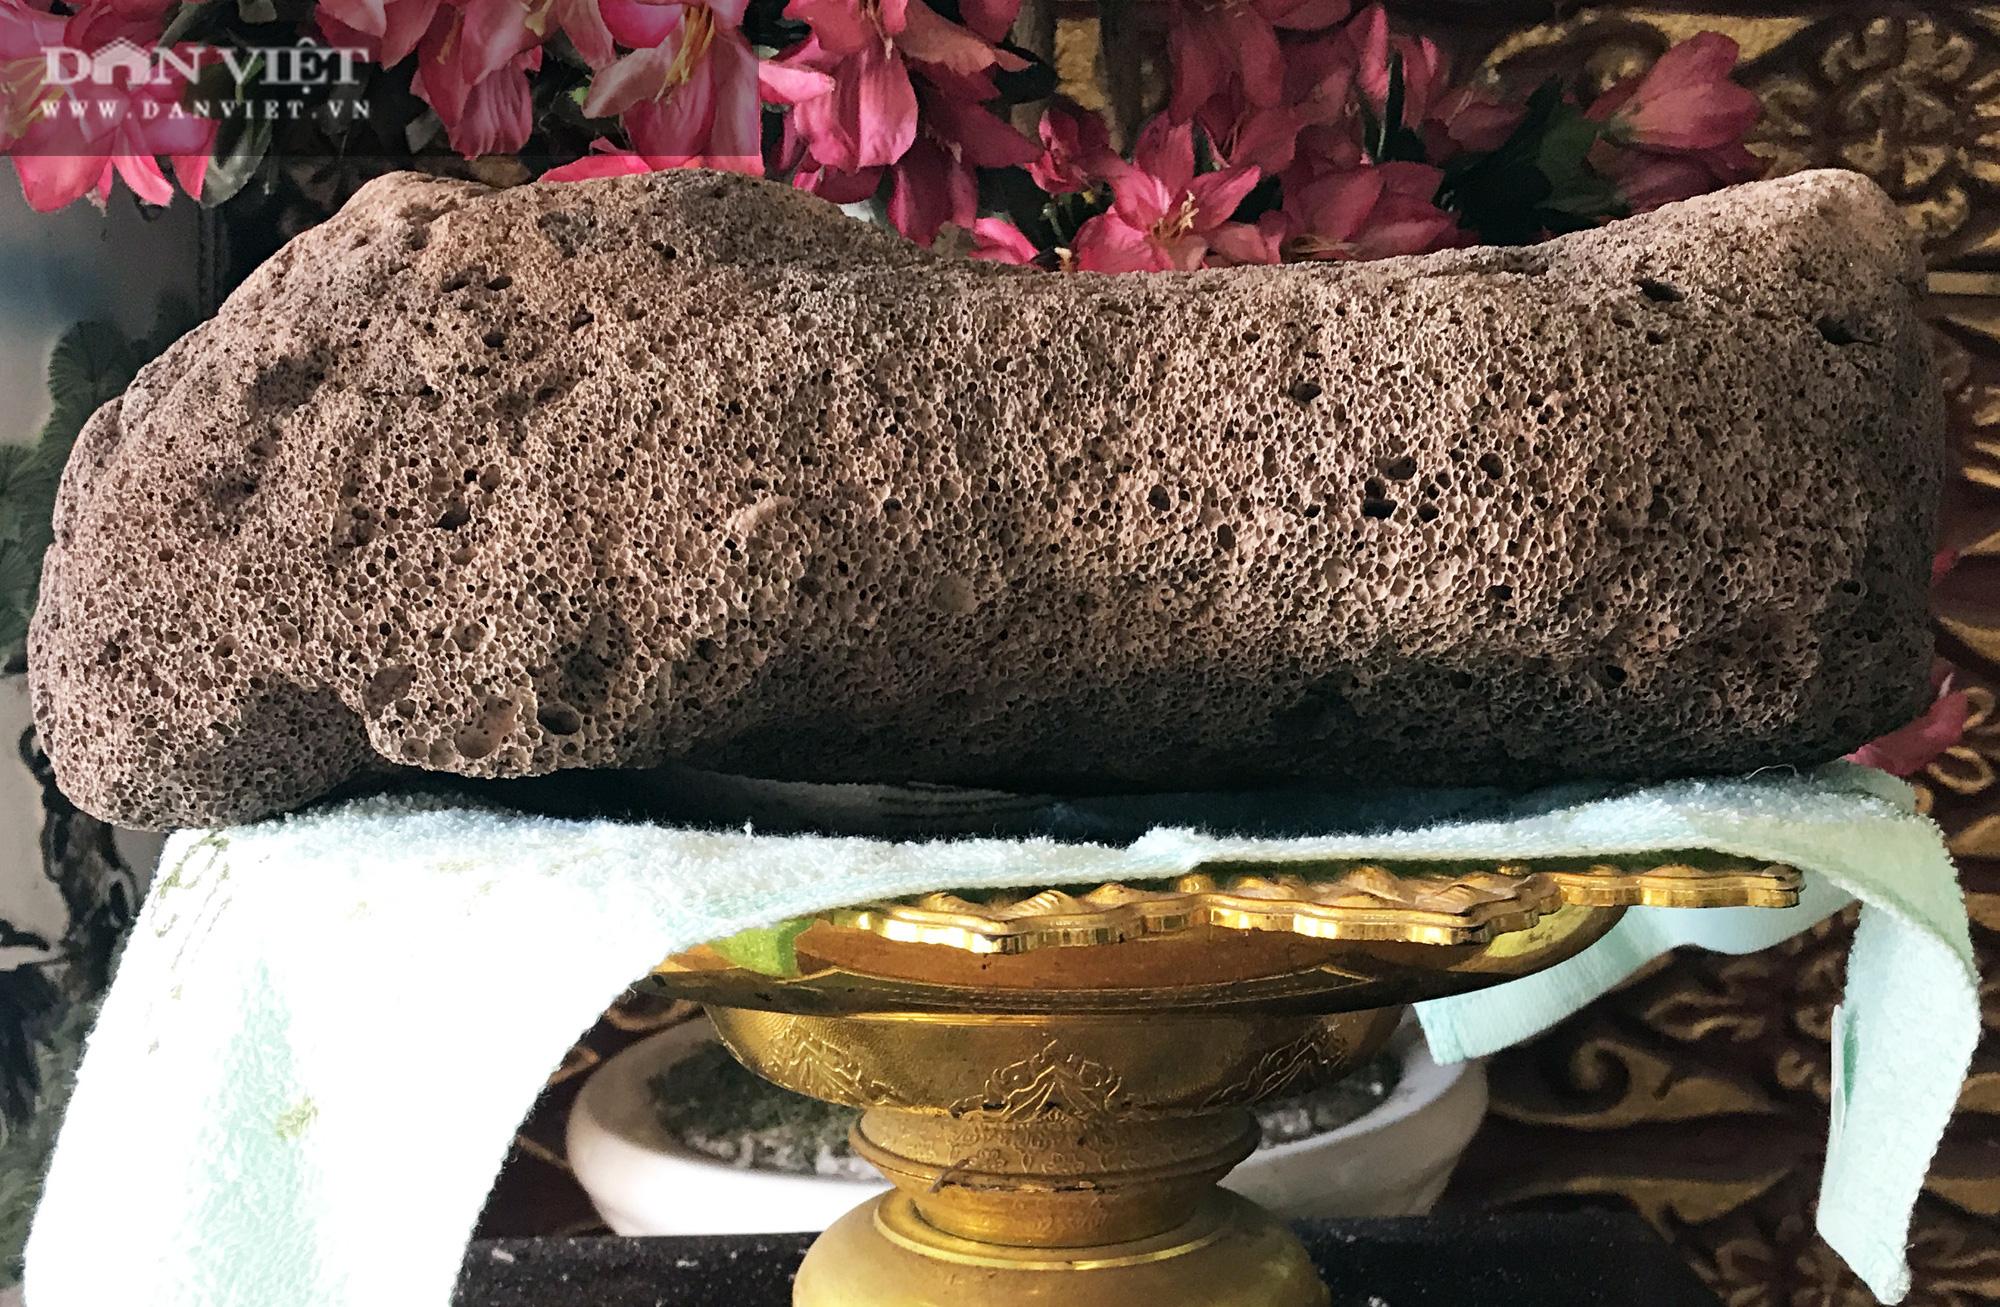 Chuyện lạ ở Sóc Trăng: Cặp đá nặng 4,2kg nổi được trên mặt nước  - Ảnh 5.